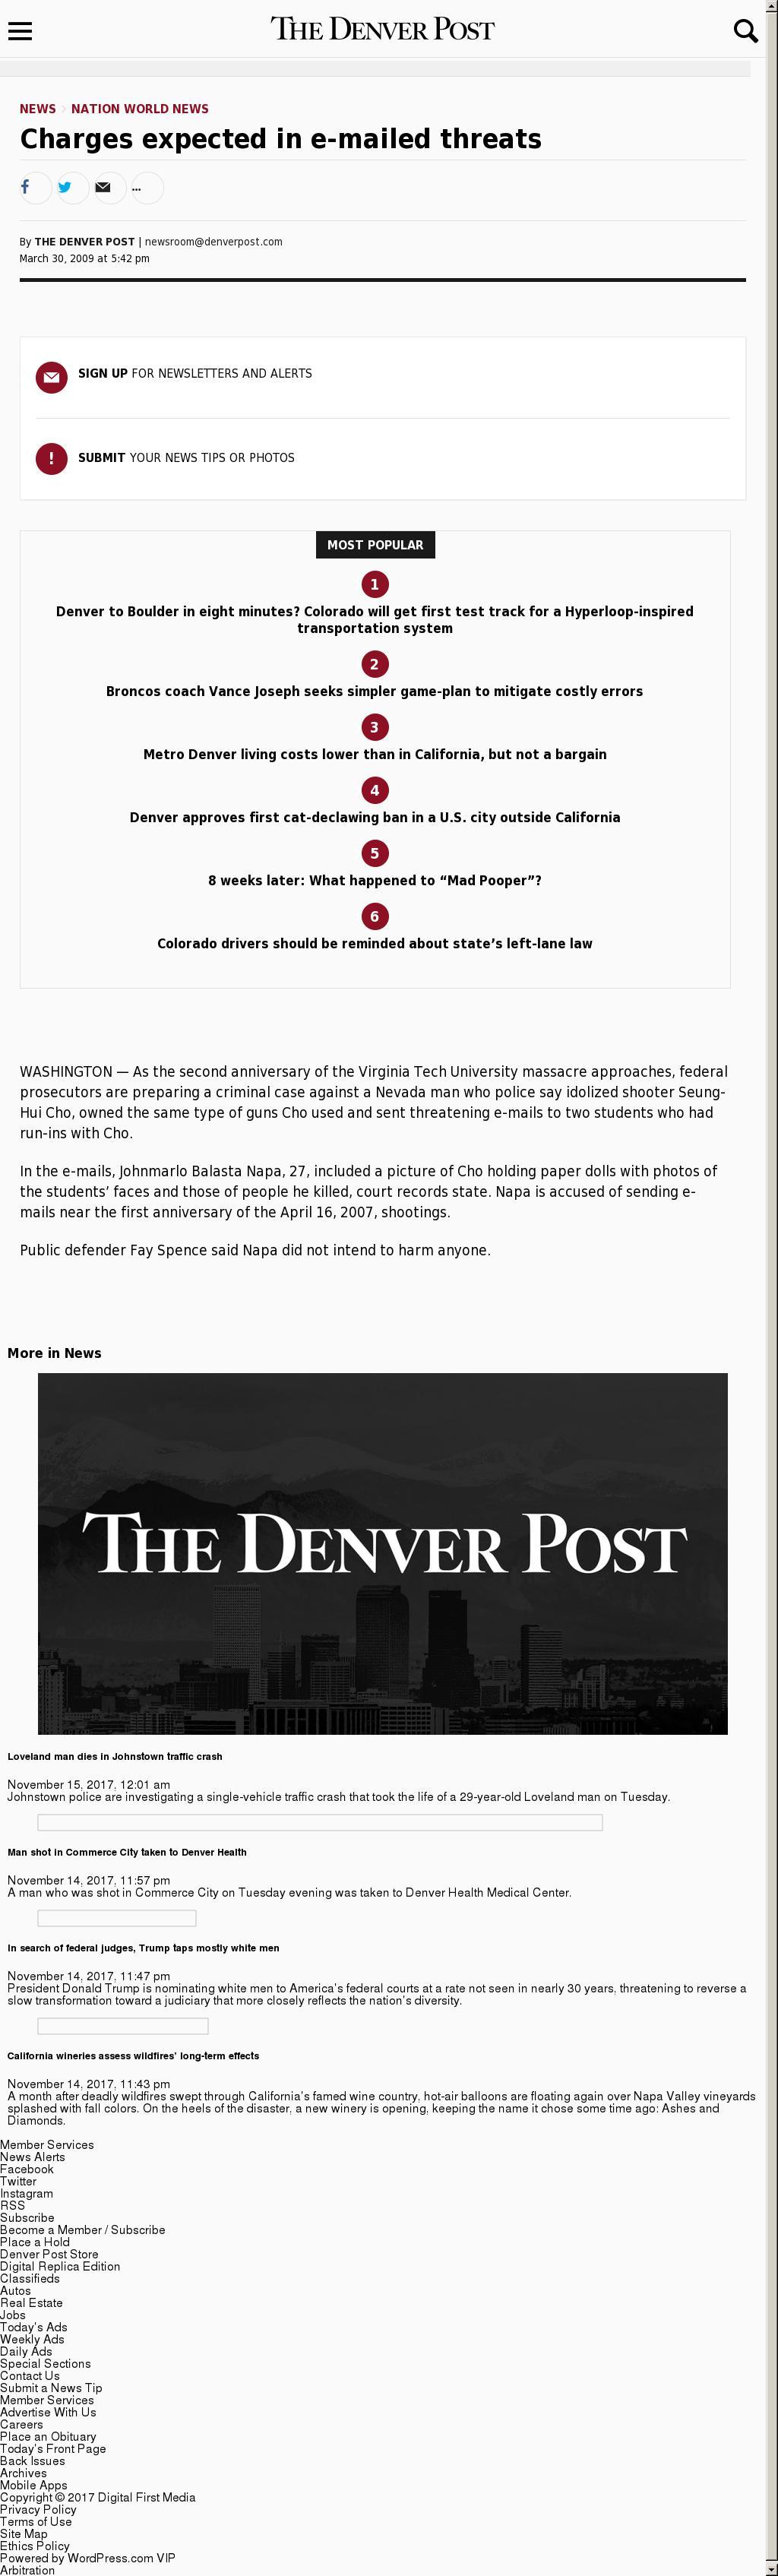 Denver Post at Wednesday Nov. 15, 2017, 8:02 a.m. UTC